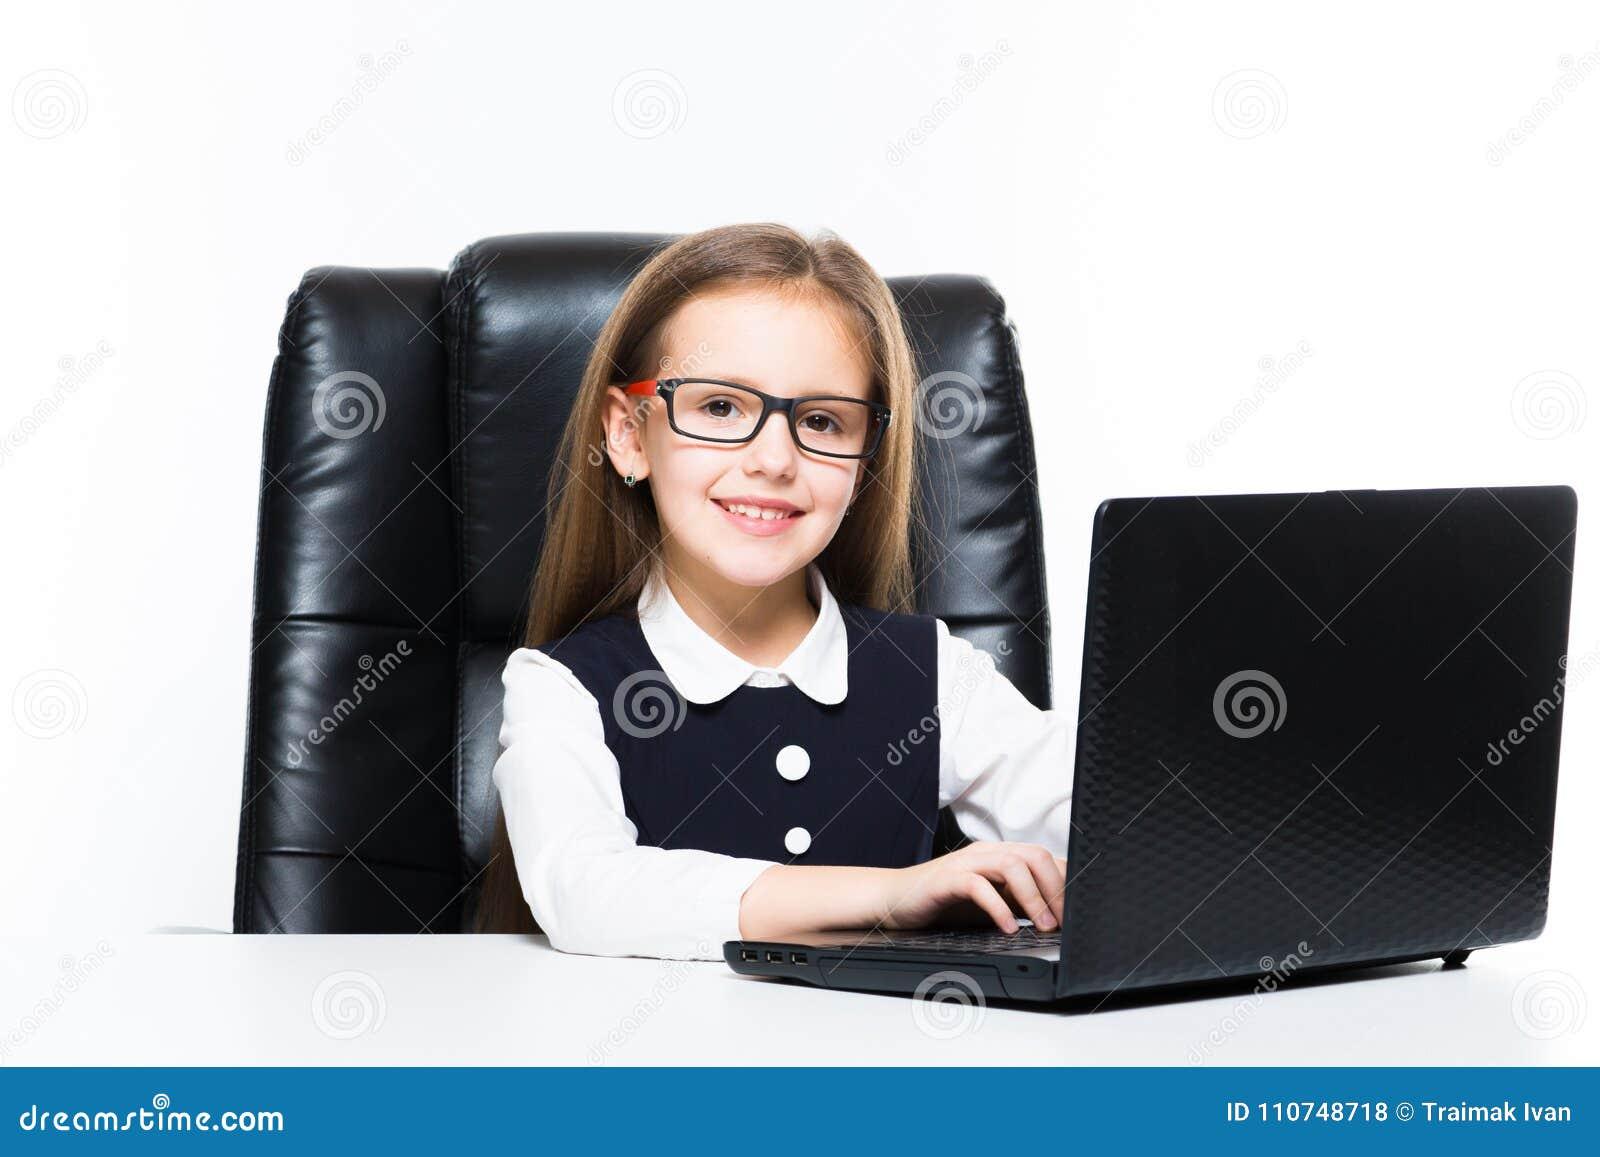 a4dfbce2c La niña sonriente linda adorable que mira in camera sentarse en silla en la  oficina que trabaja en el ordenador portátil vestido como empresaria en  confiado ...